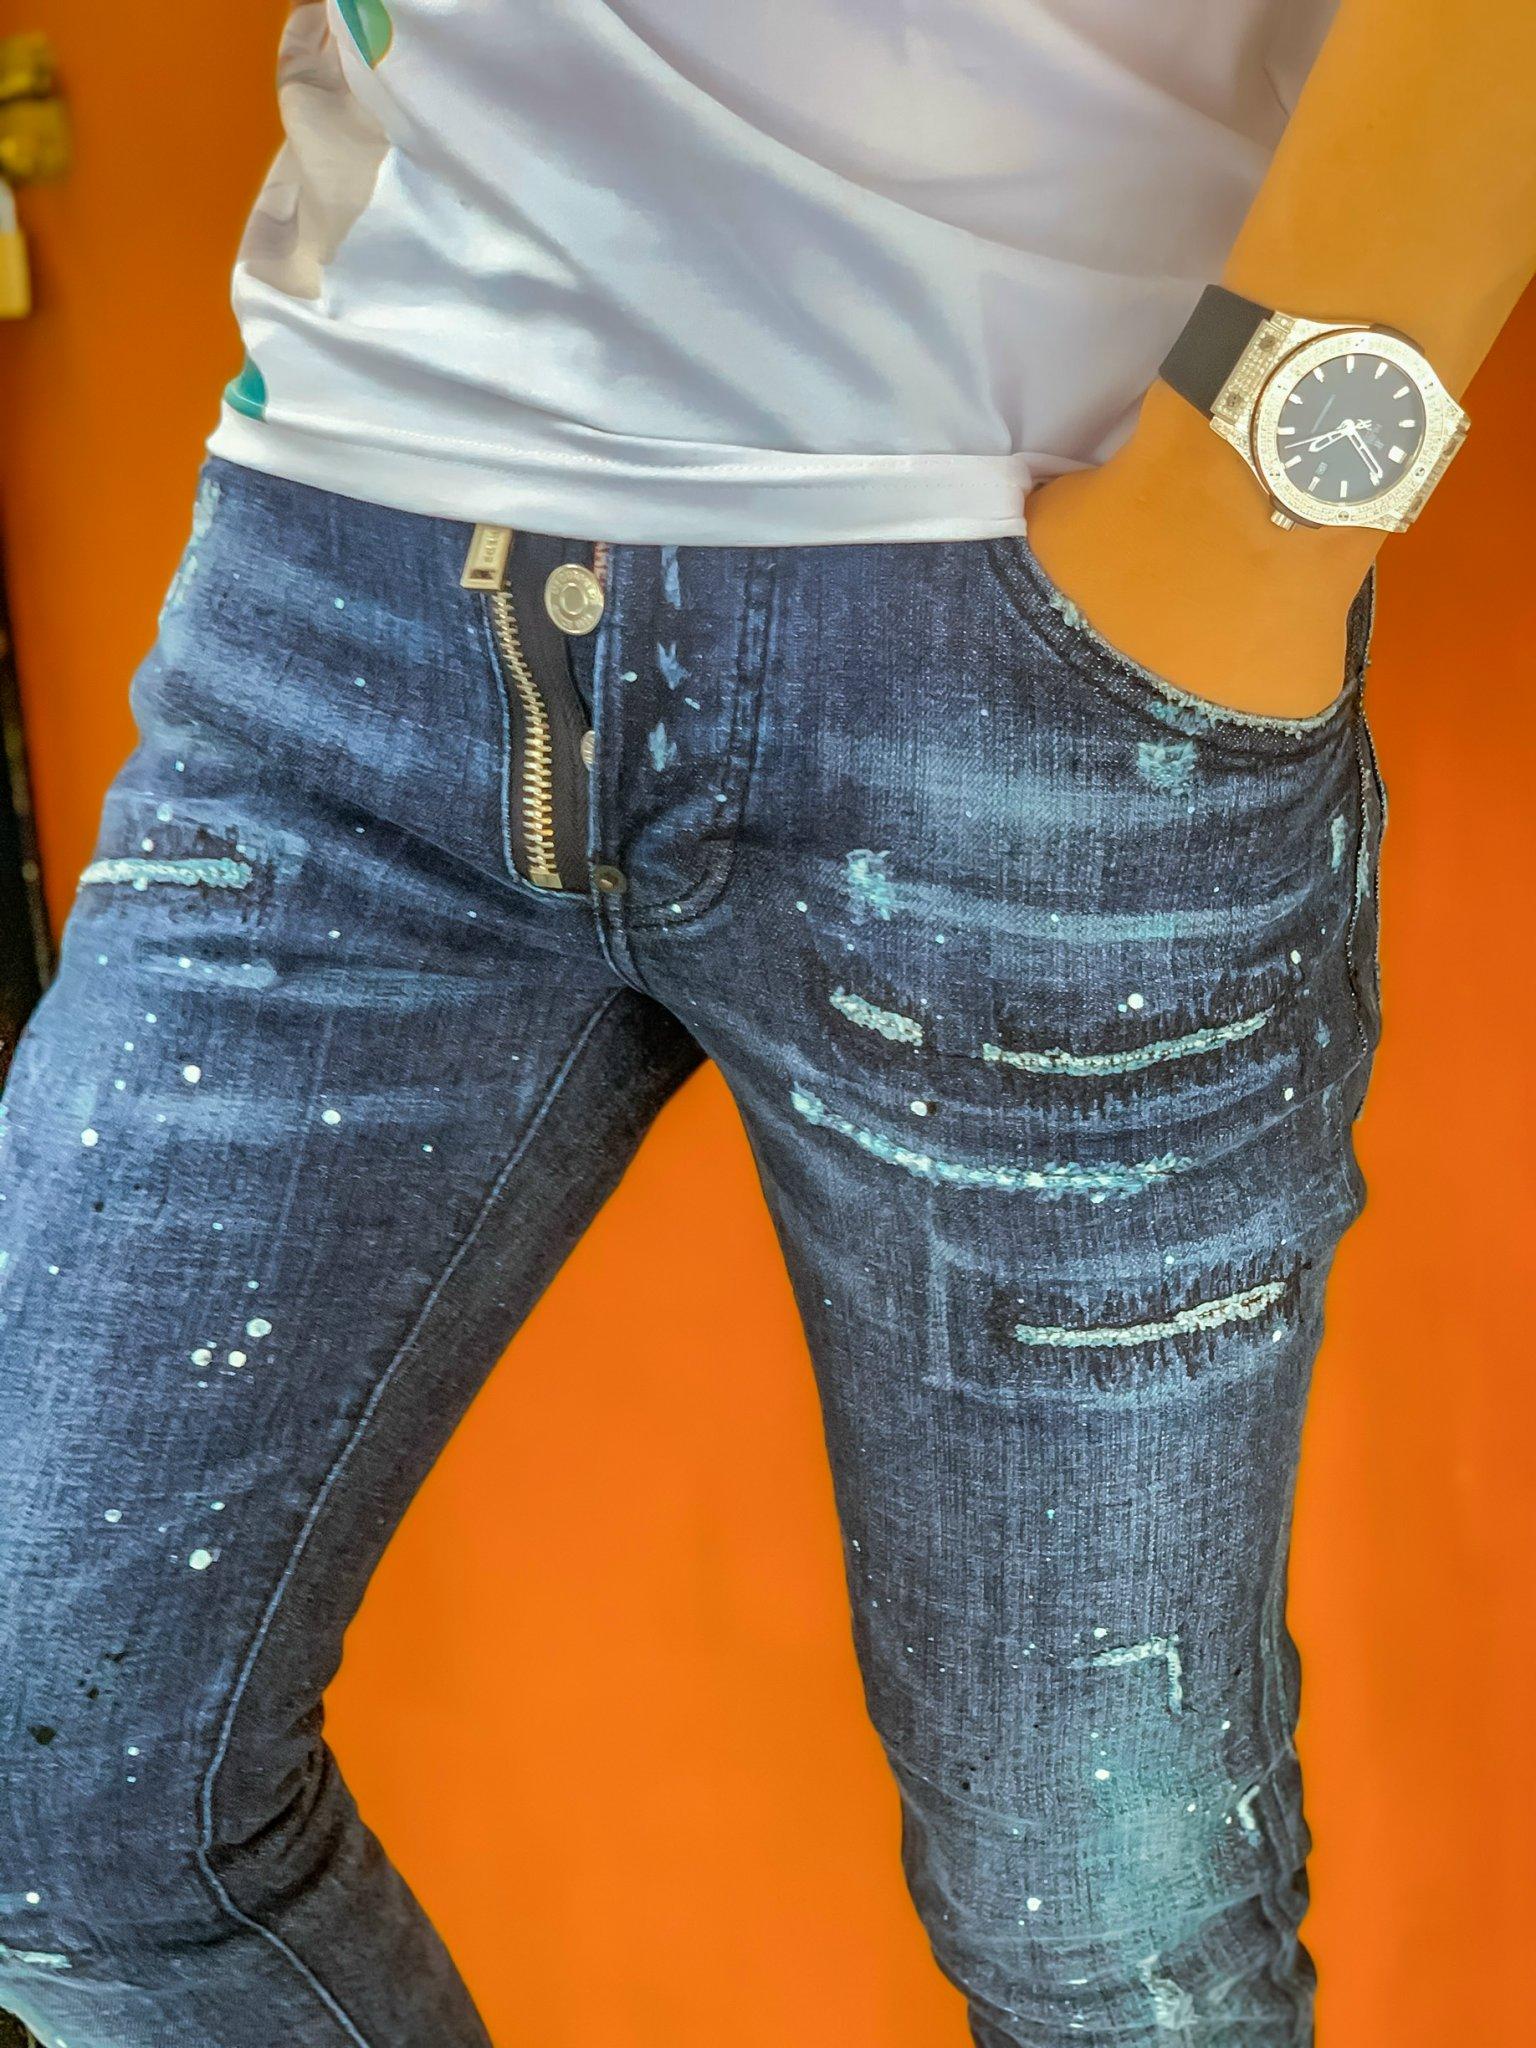 qua-n-jeans-nam-quan-dsquared-2-cu-c-cha-t-form-de-p-2021